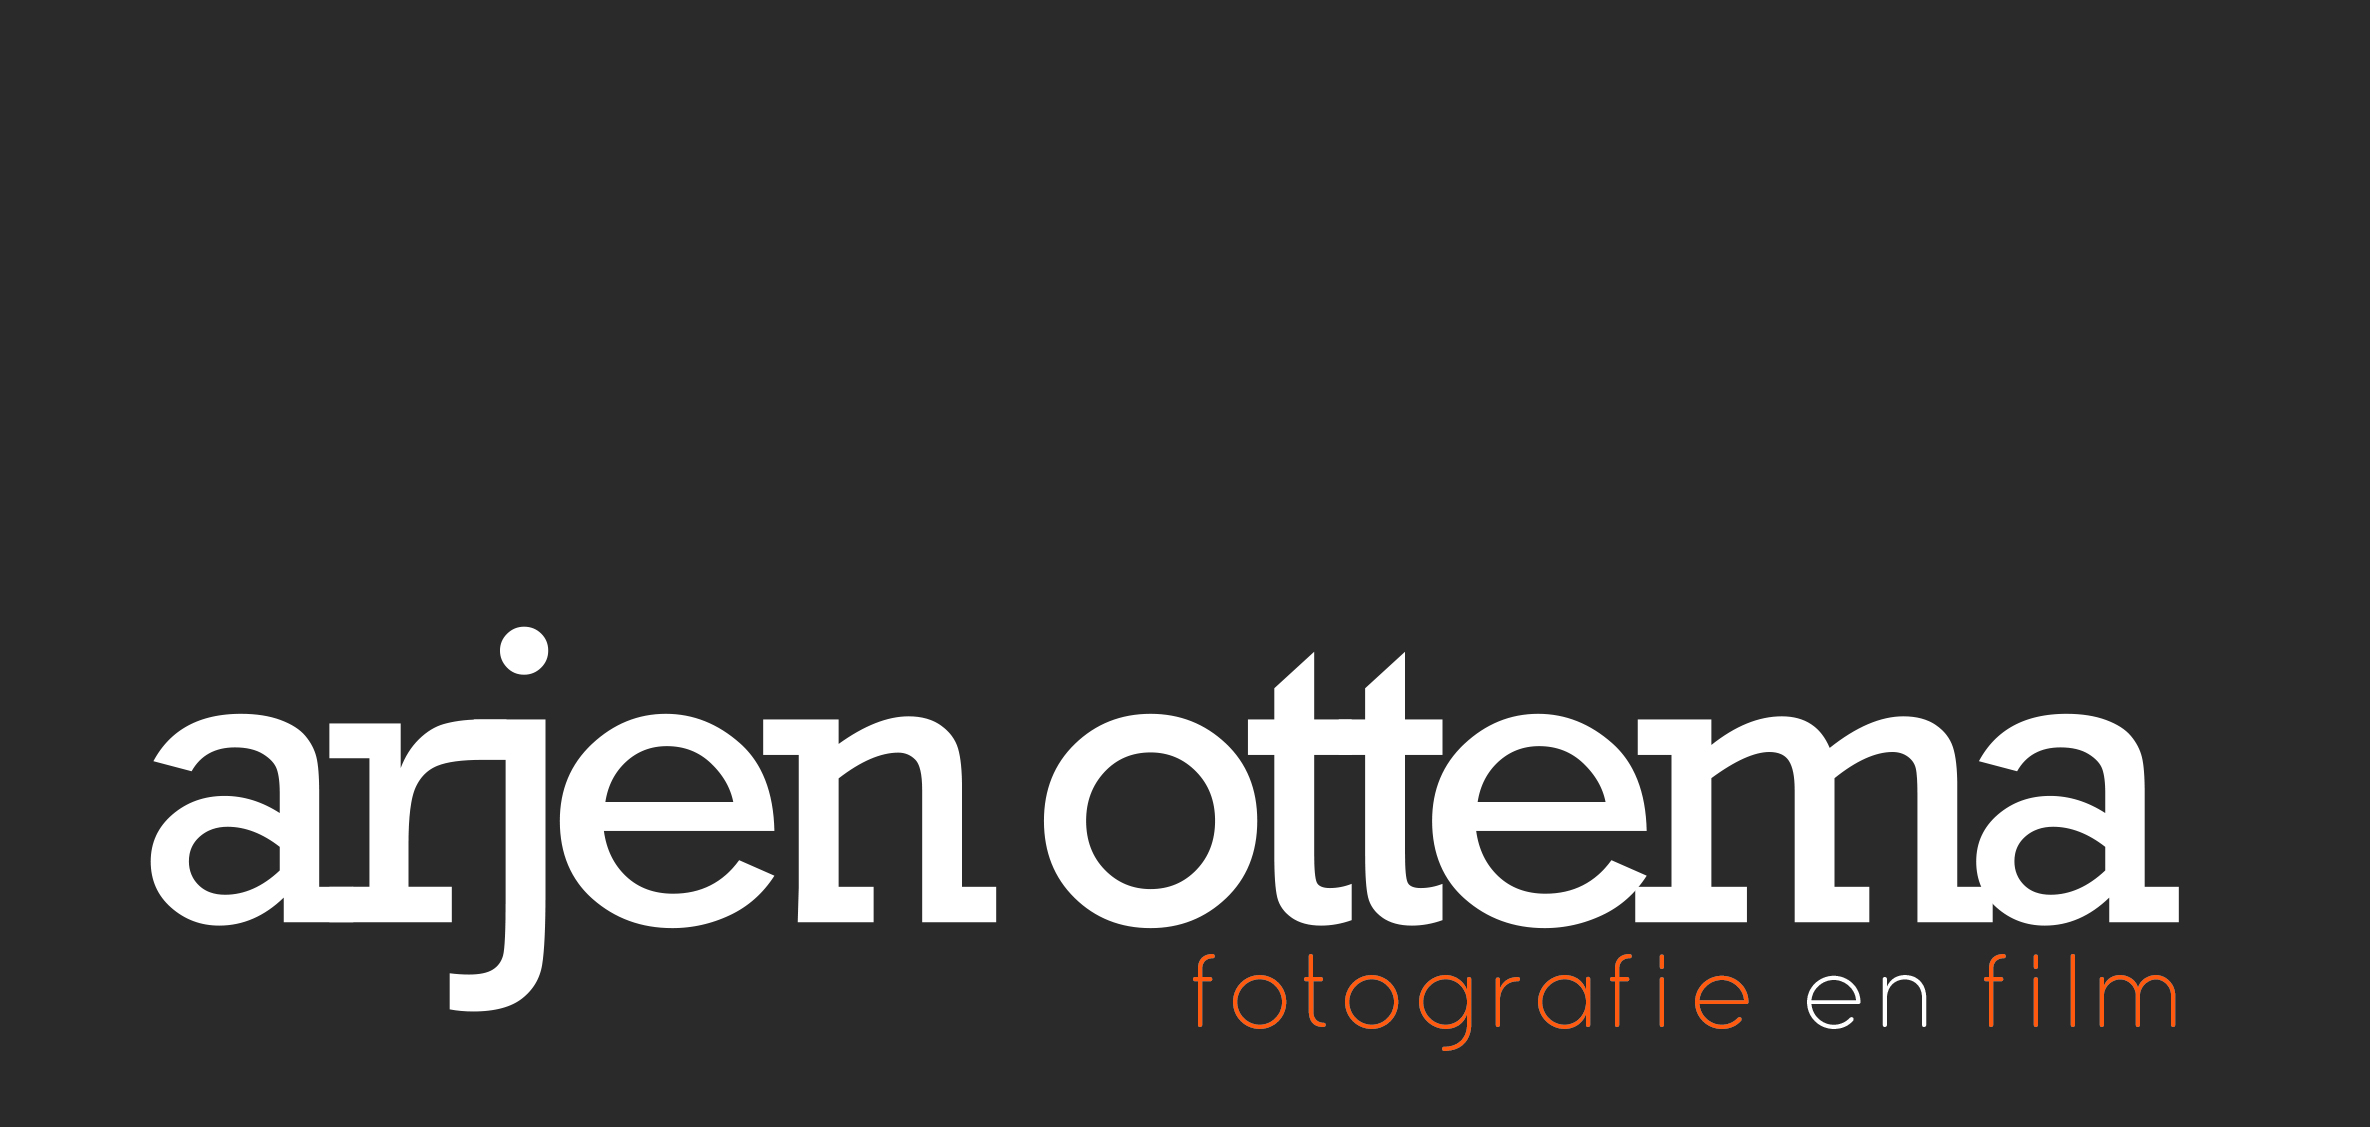 Arjen Ottema